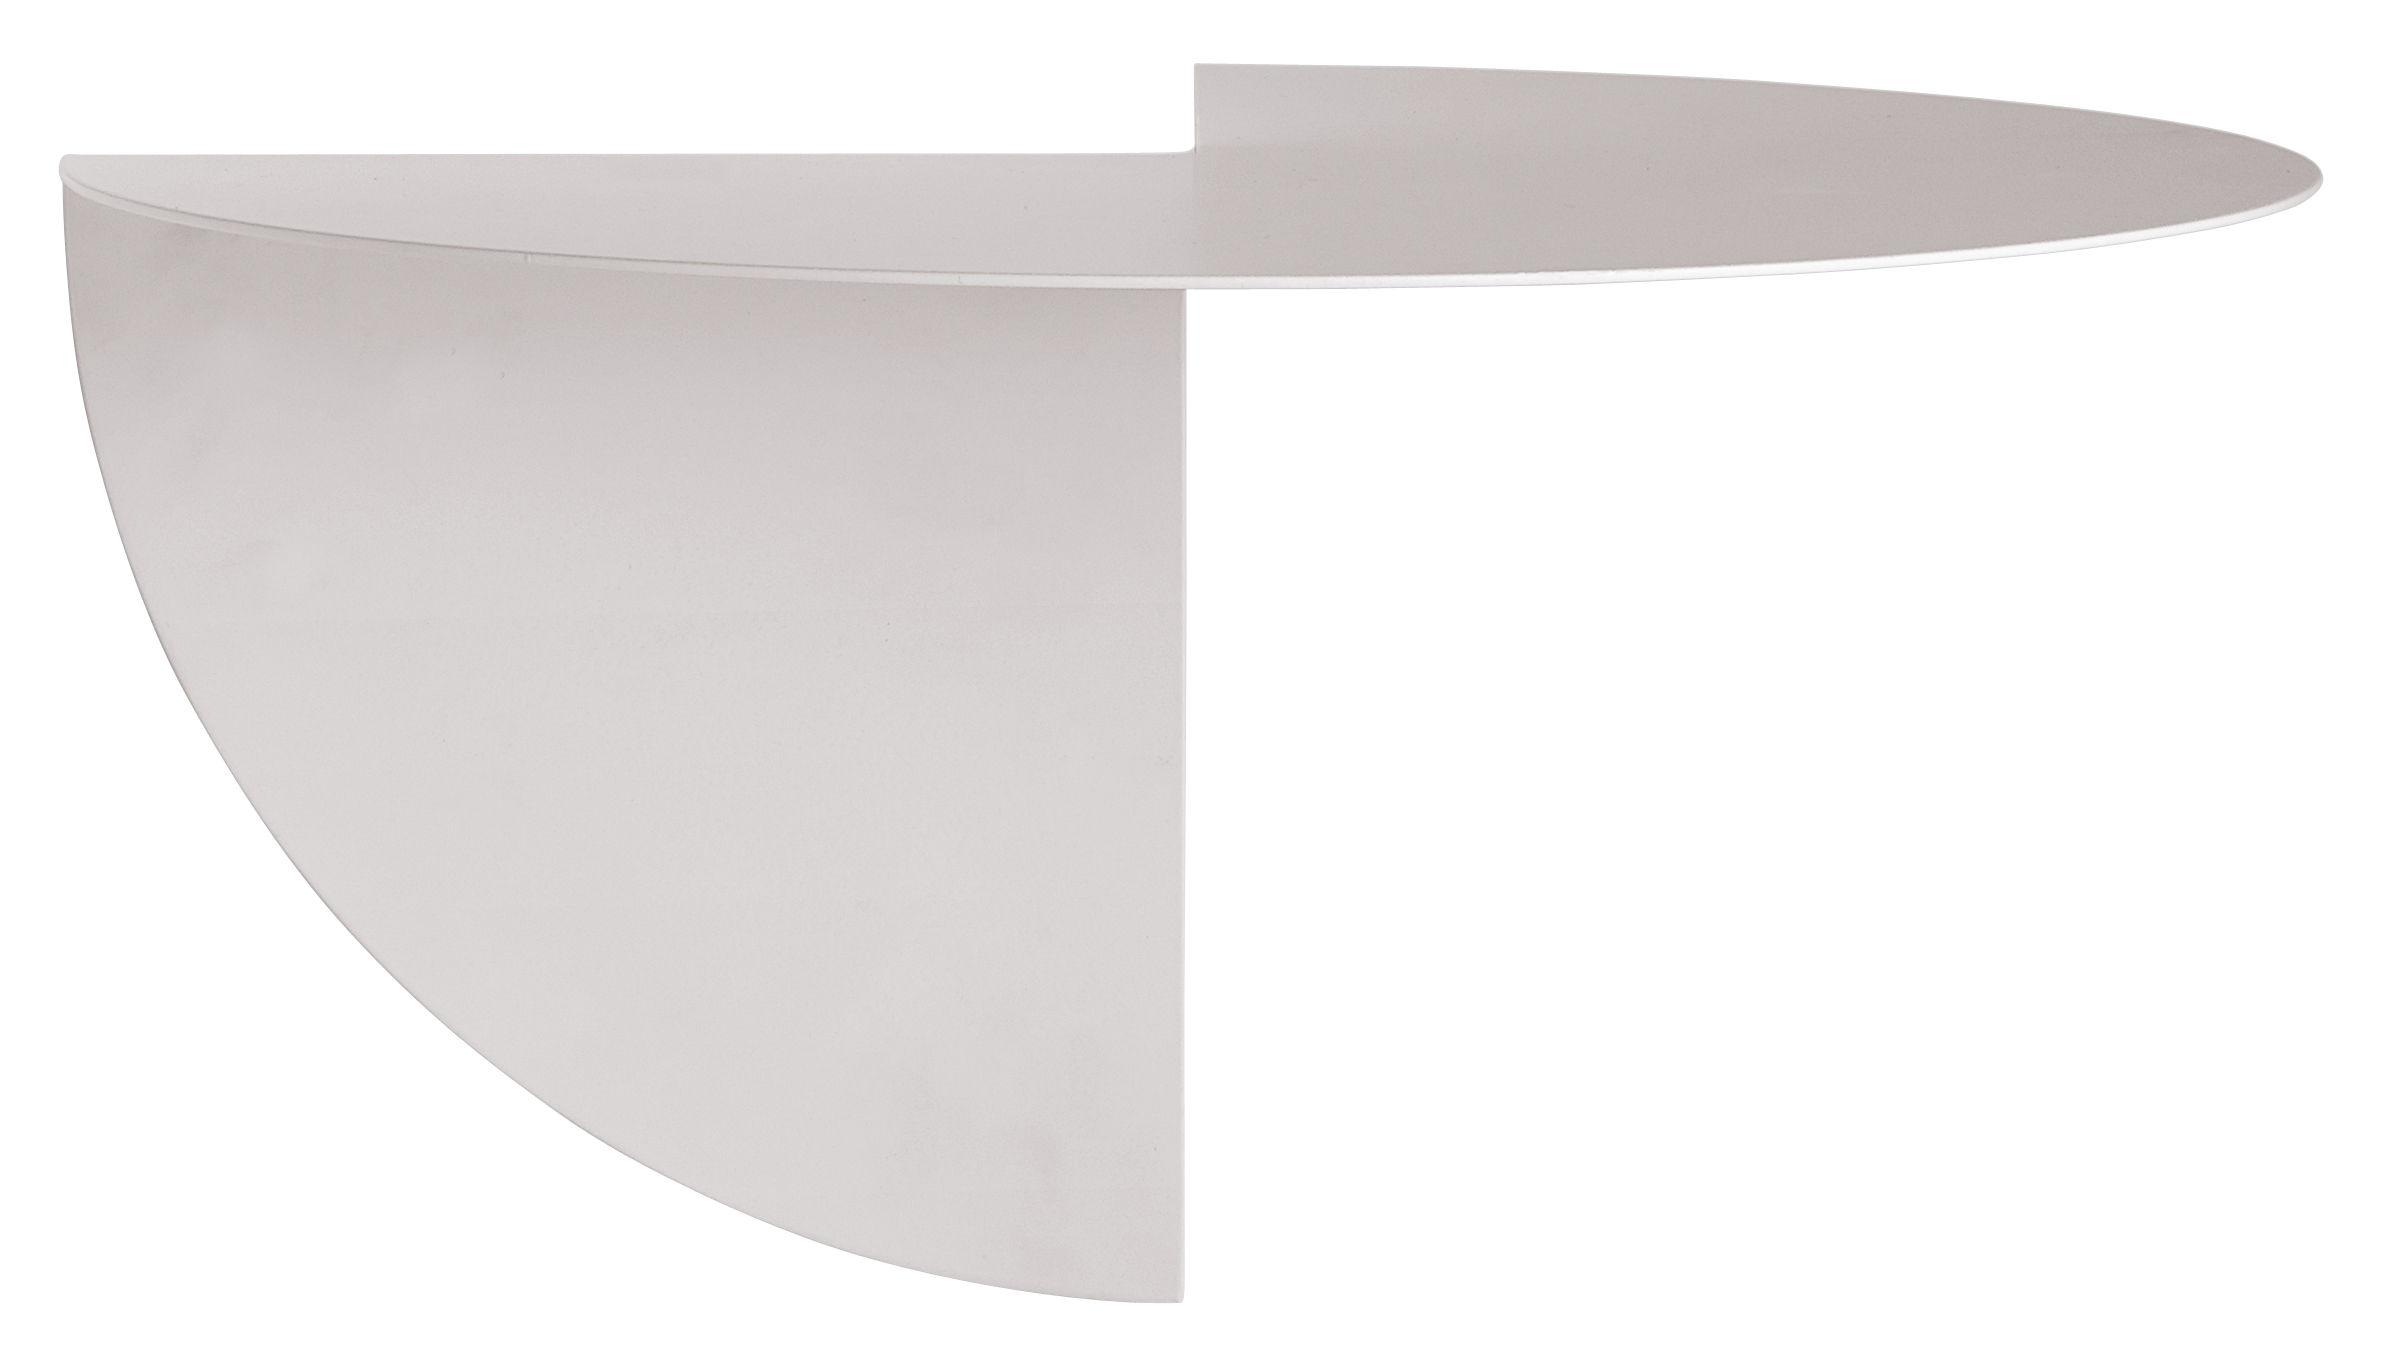 Mobilier - Etagères & bibliothèques - Etagère d'angle Pivot 4 / Coin externe - L 33 cm - Hay - Blanc cassé - Acier peint